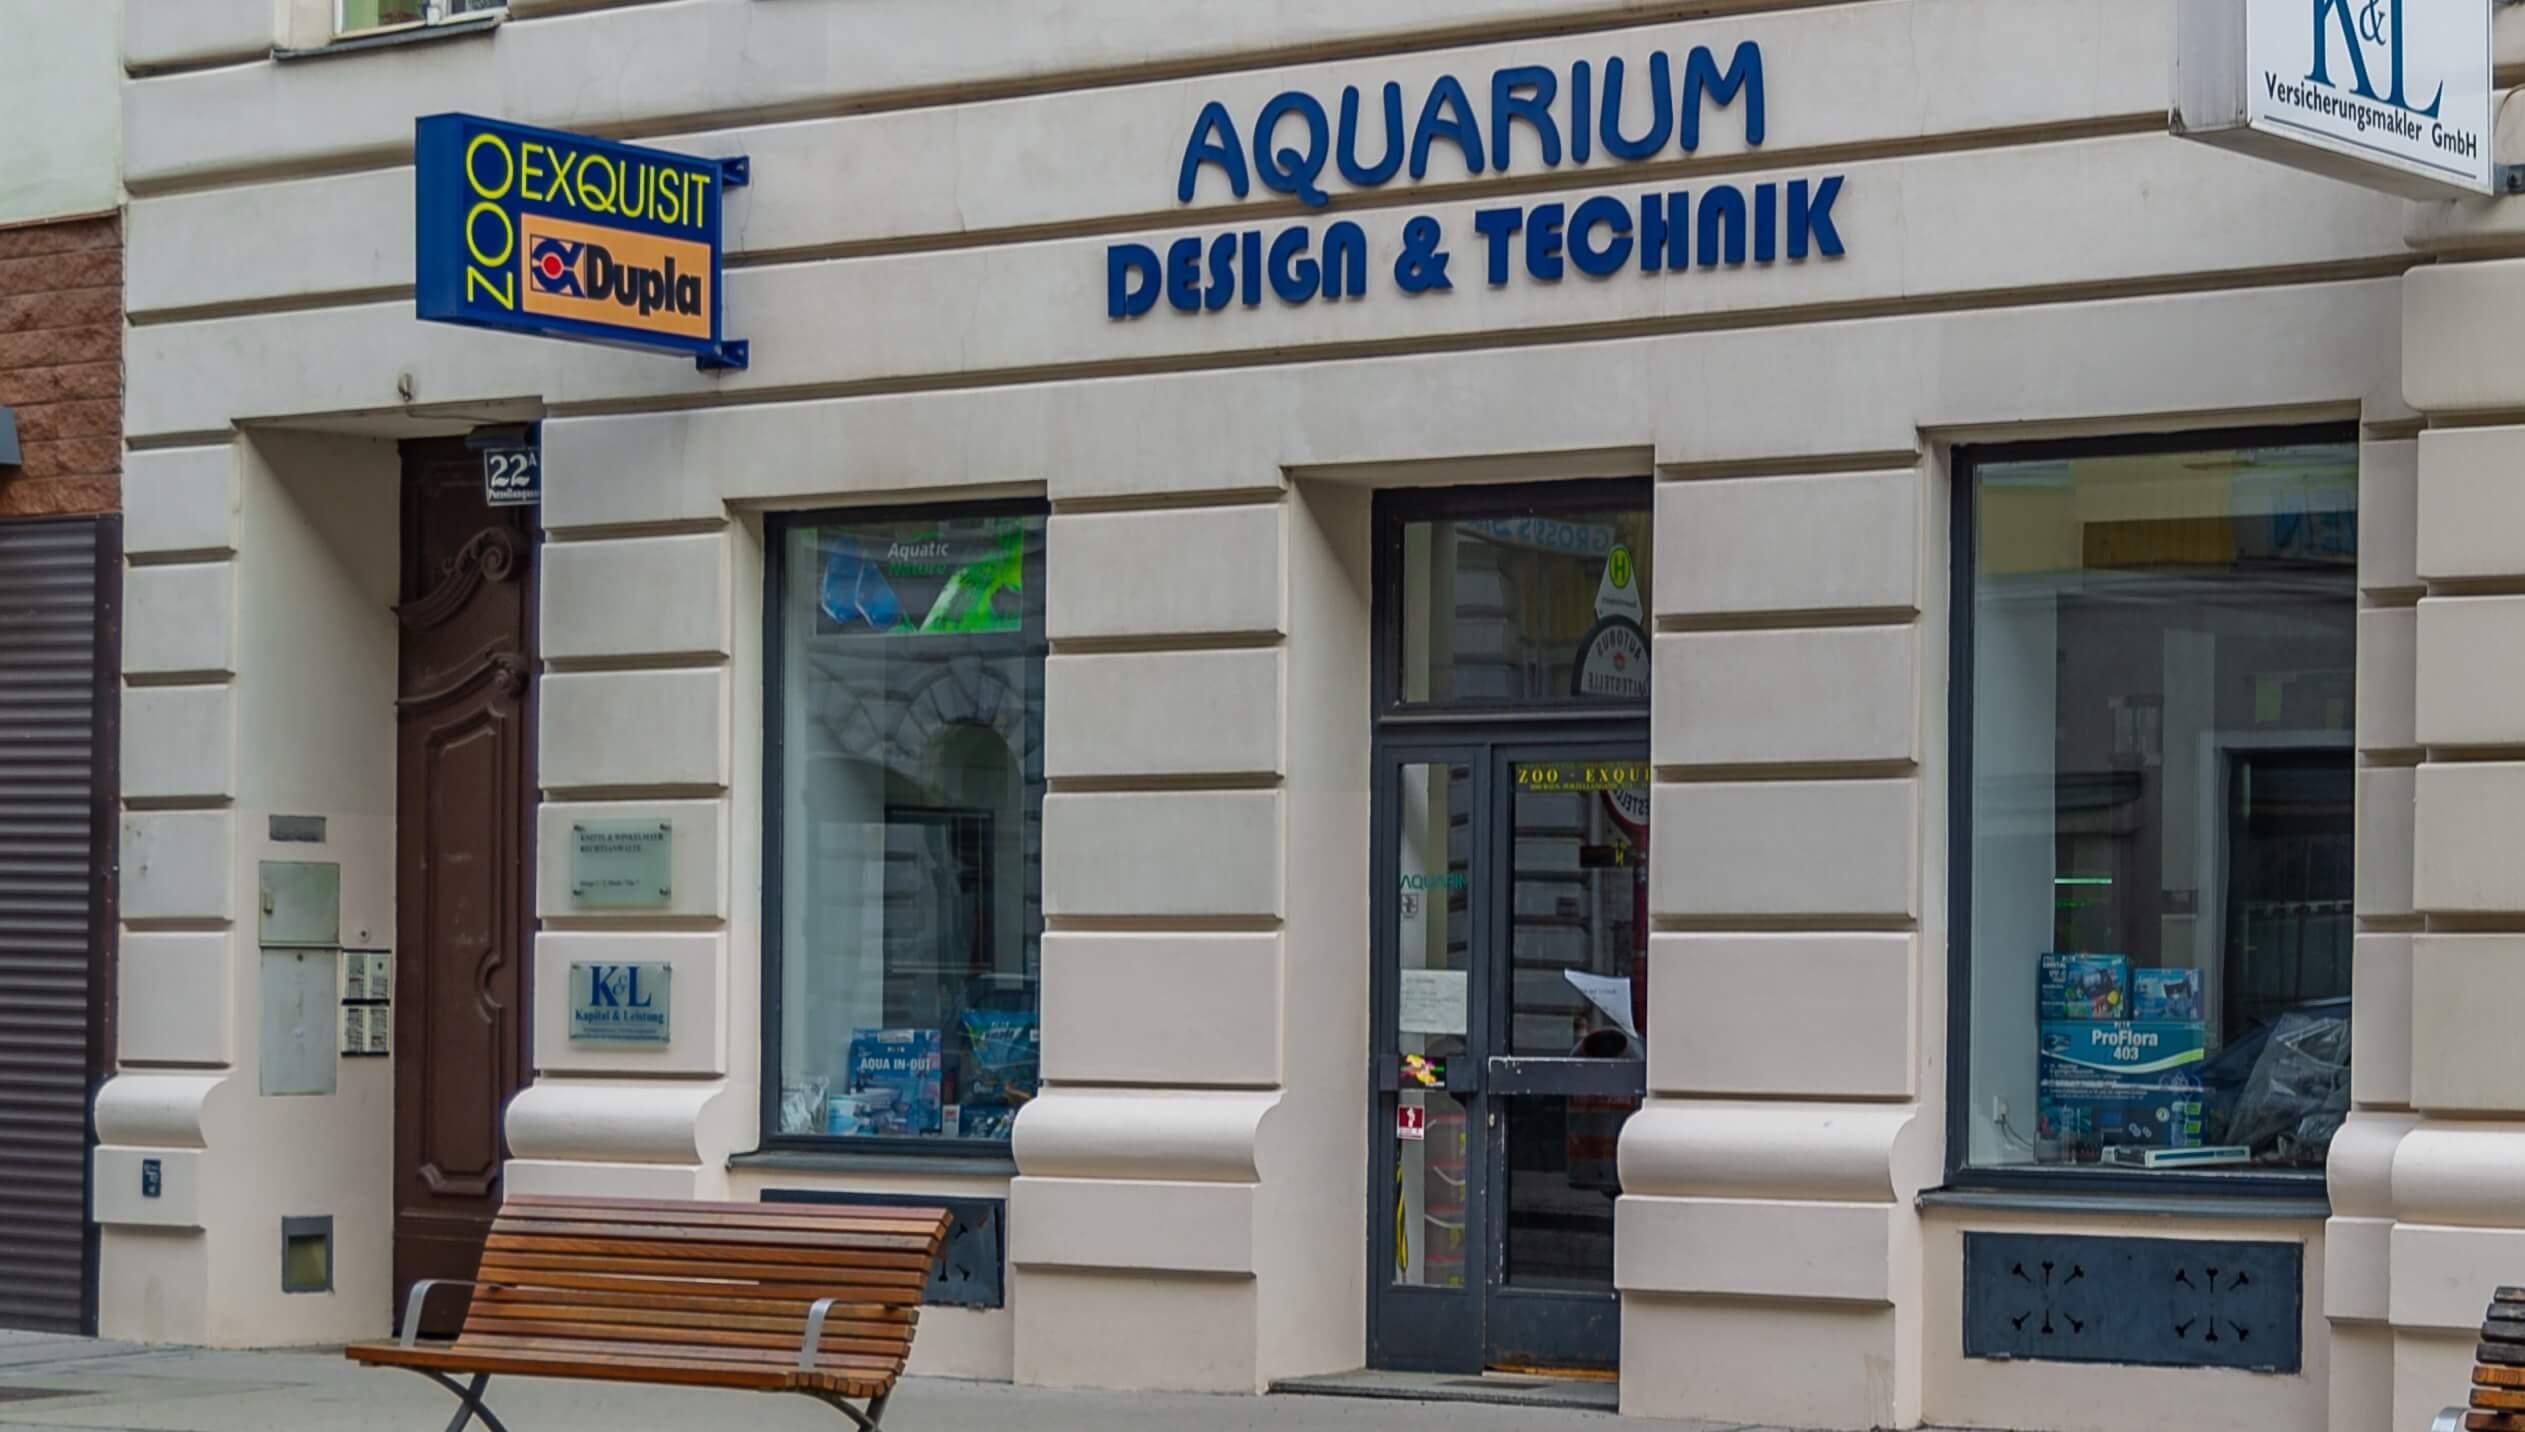 Zoo Exquisit Aquarien & Aquarienbedarf